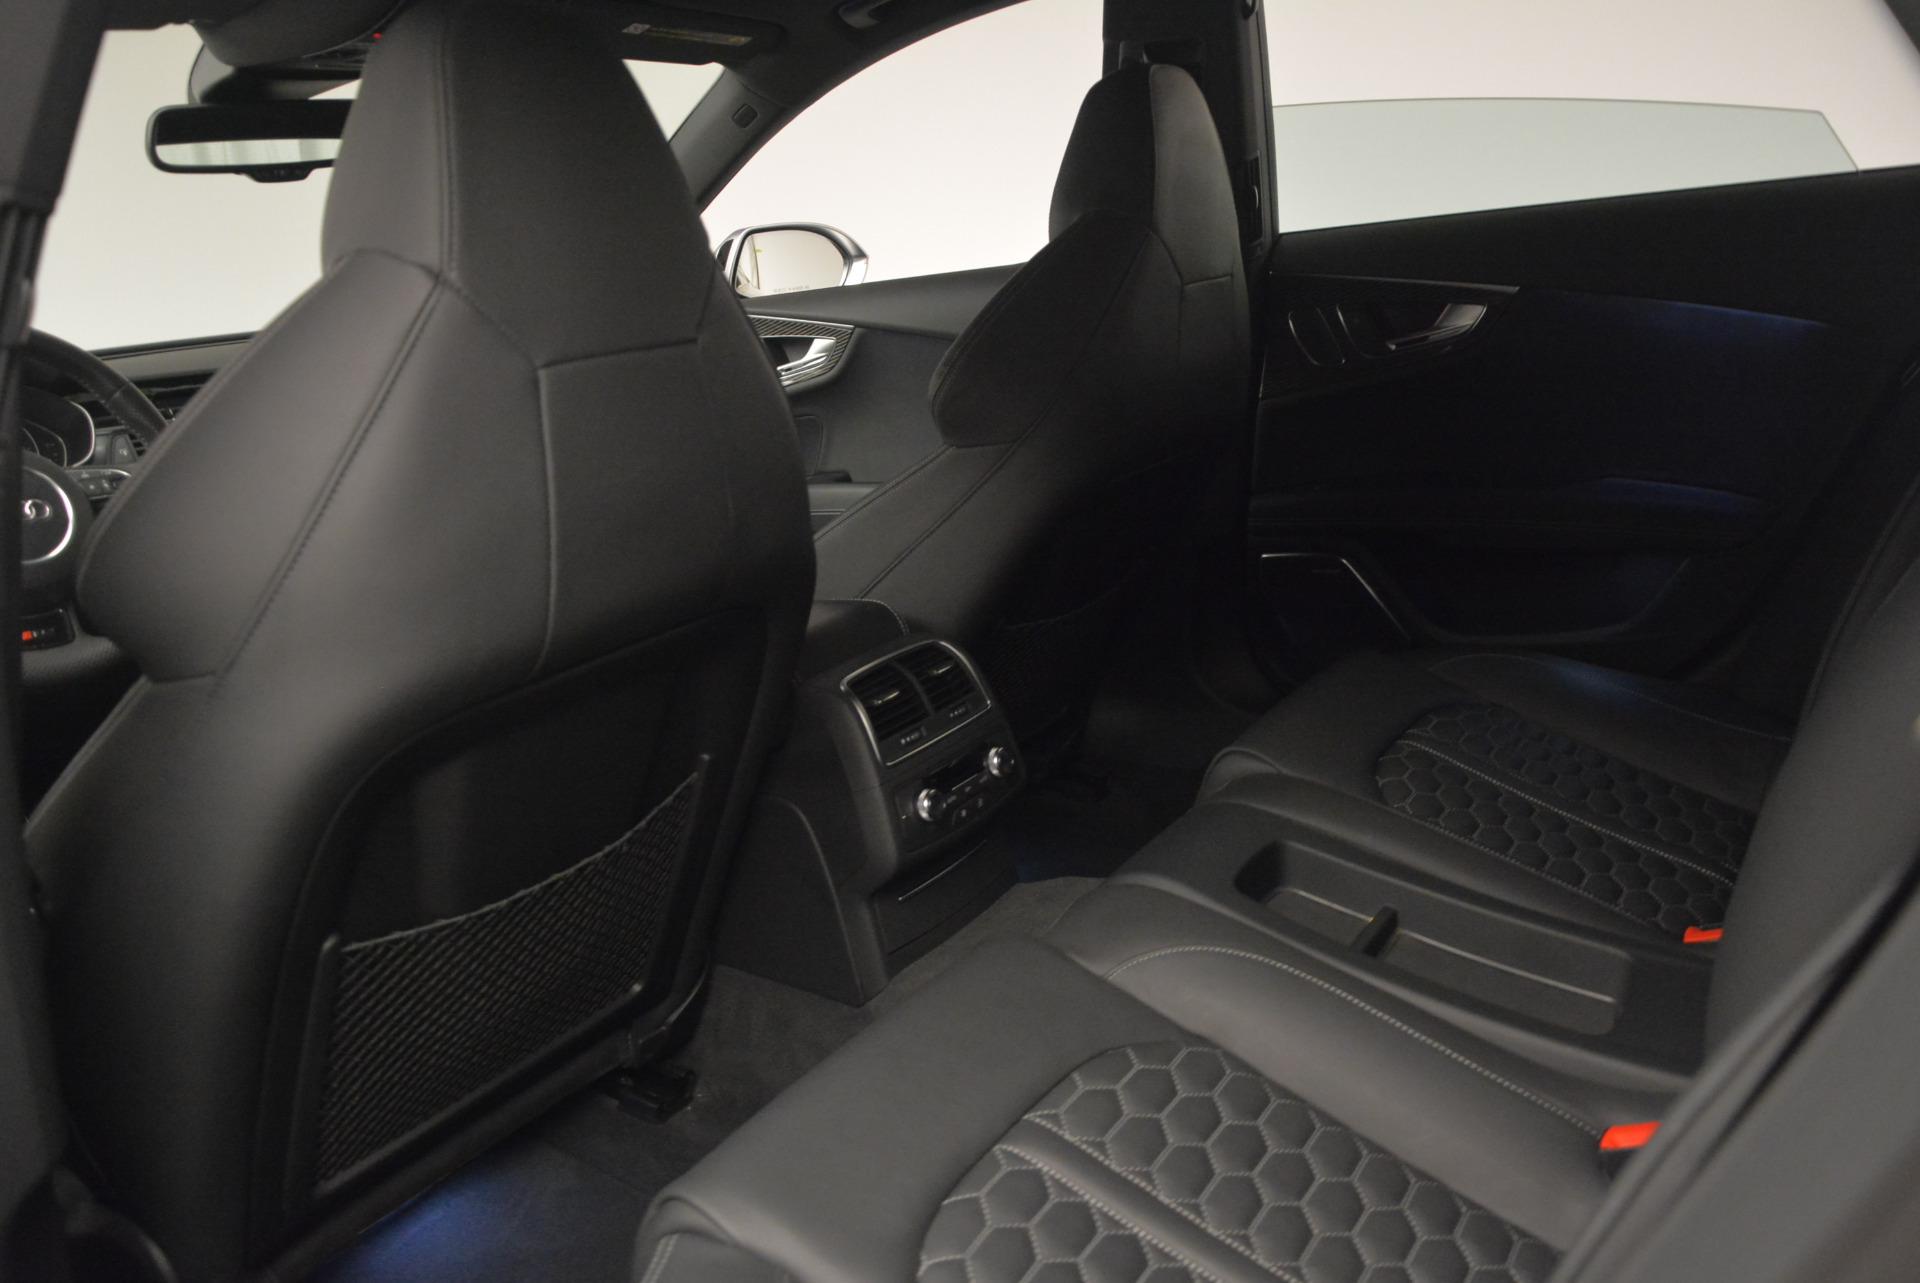 Used 2014 Audi RS 7 4.0T quattro Prestige For Sale In Westport, CT 707_p20